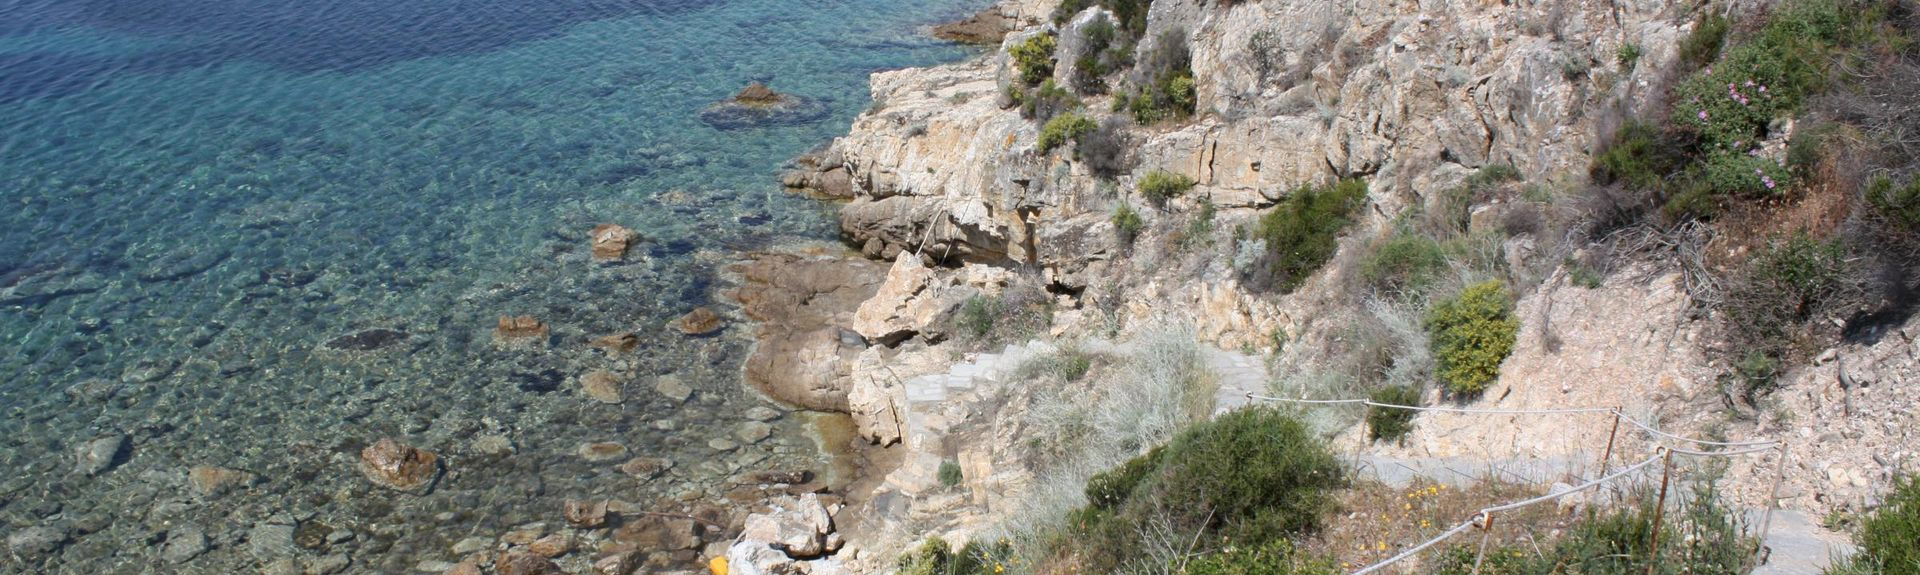 Kalithea Beach, Kassandhra, Greece